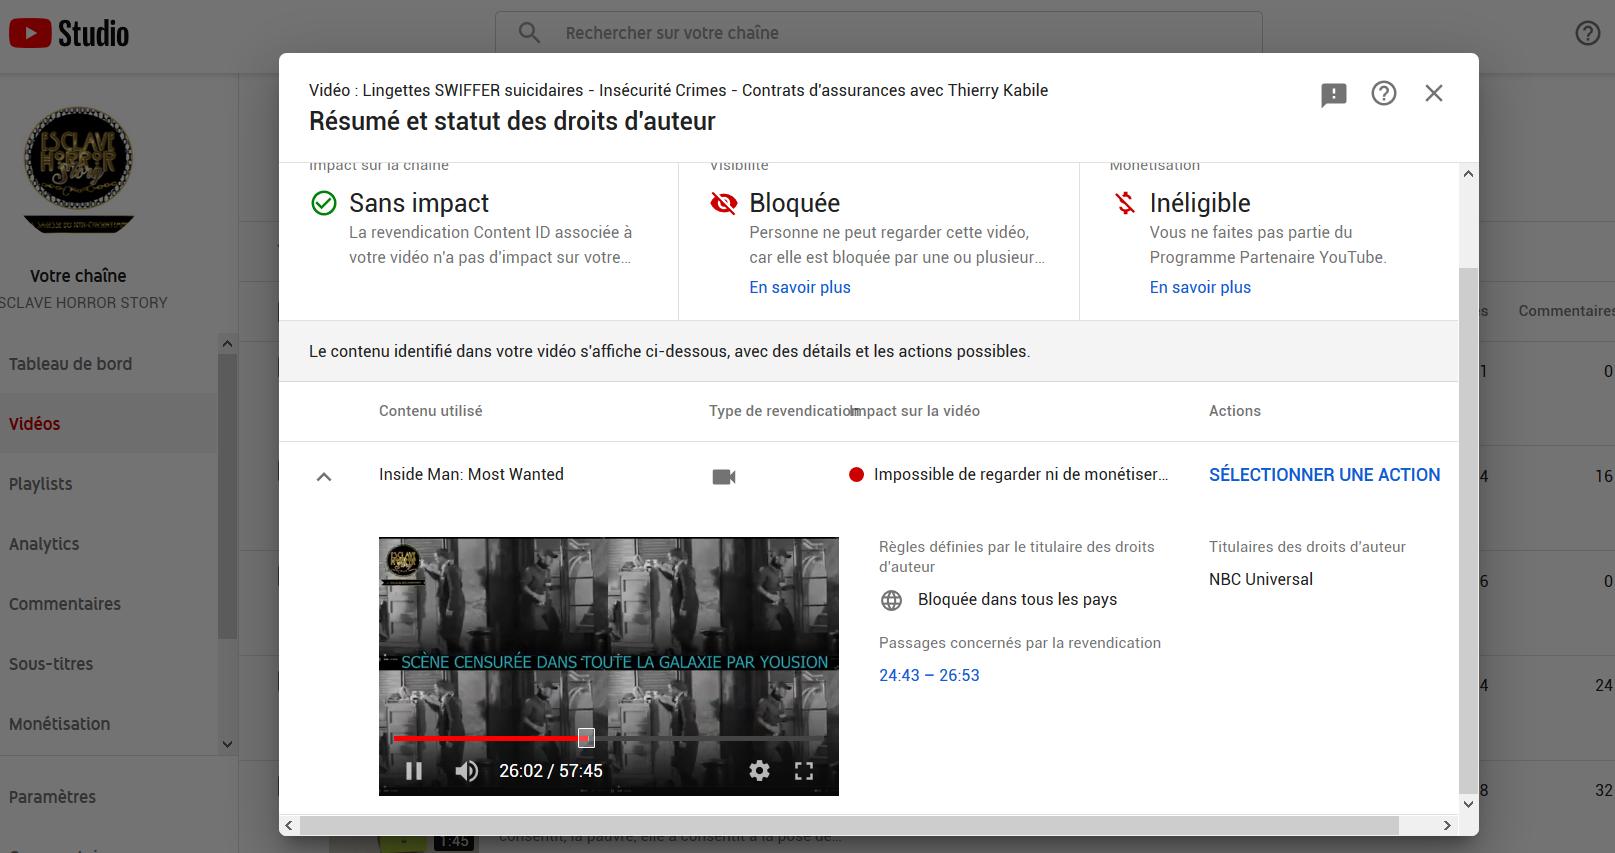 Videos censurees